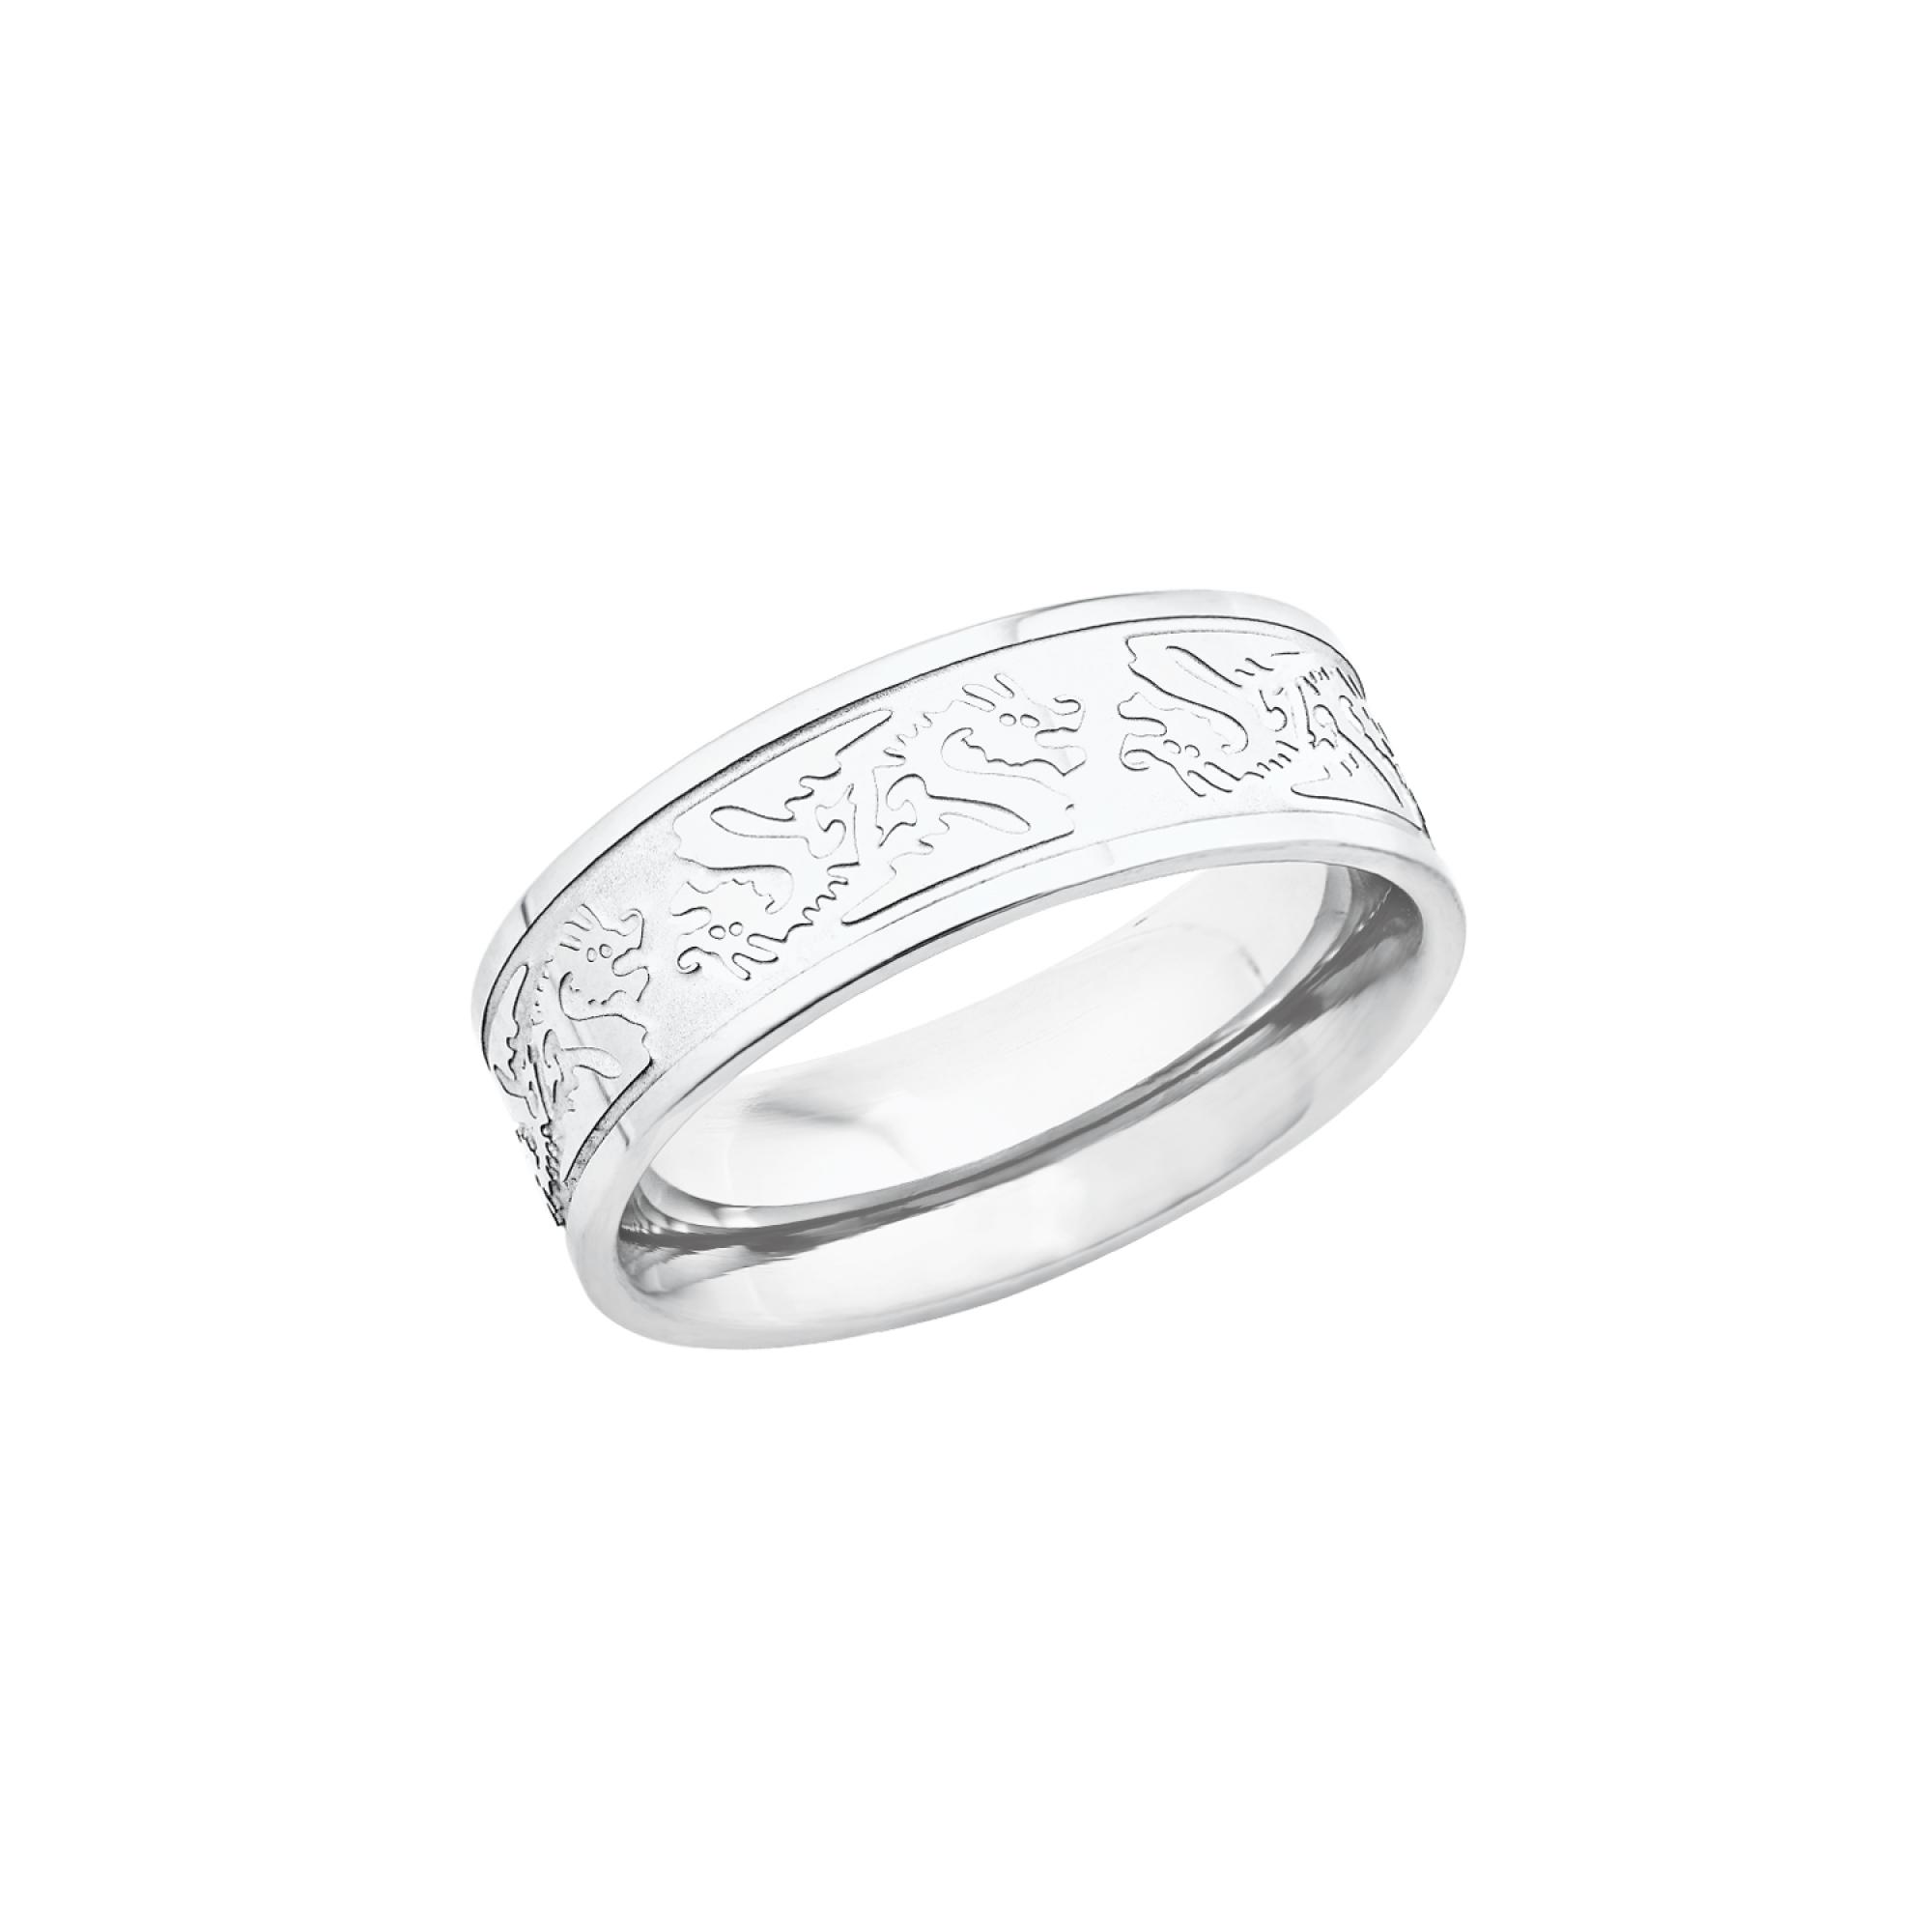 Ring für Herren, Edelstahl | Drachen Design